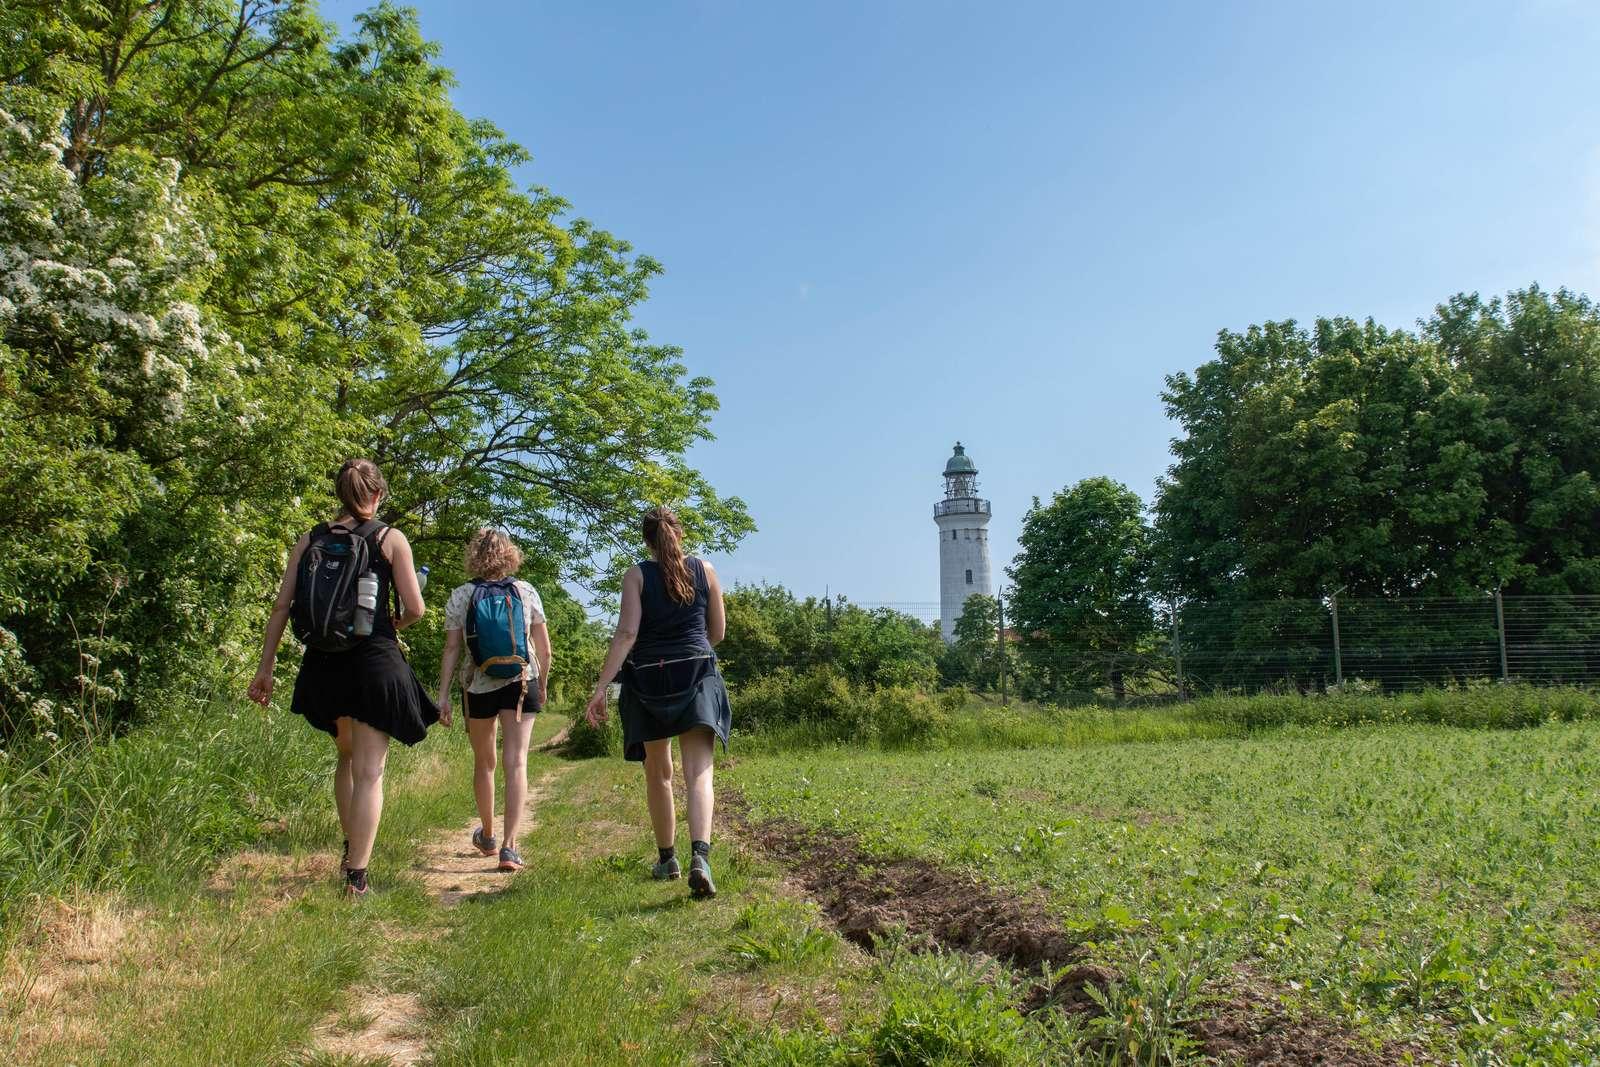 De danske destinationer ud mod Østersøen ser større bevågenhed fra tyske turister – her er det Trampestien med Stevns Fyr i baggrunden. Pressefoto: VISM for Visit SydSjælland-Møn.